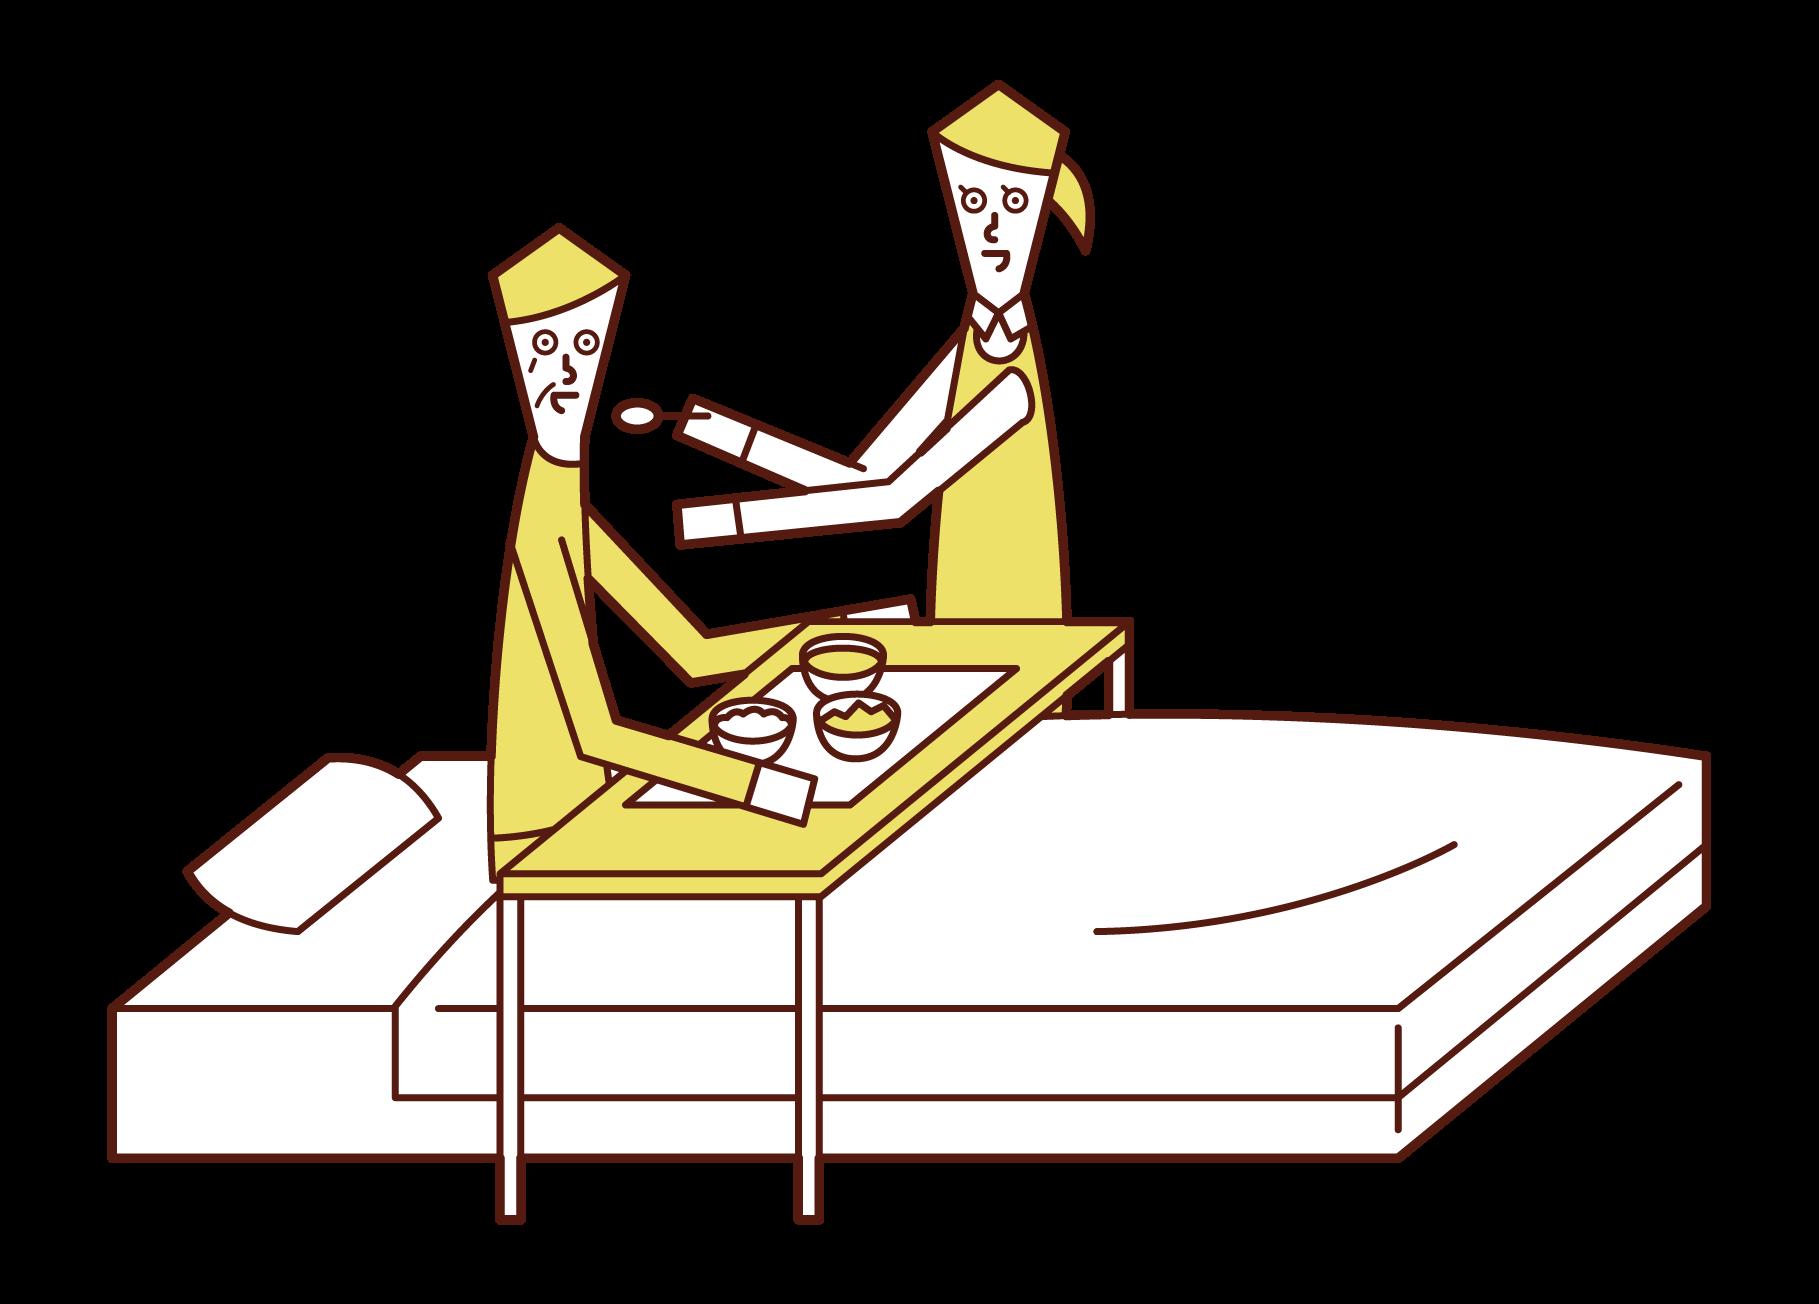 食事の介助をする介護福祉士(女性)のイラスト